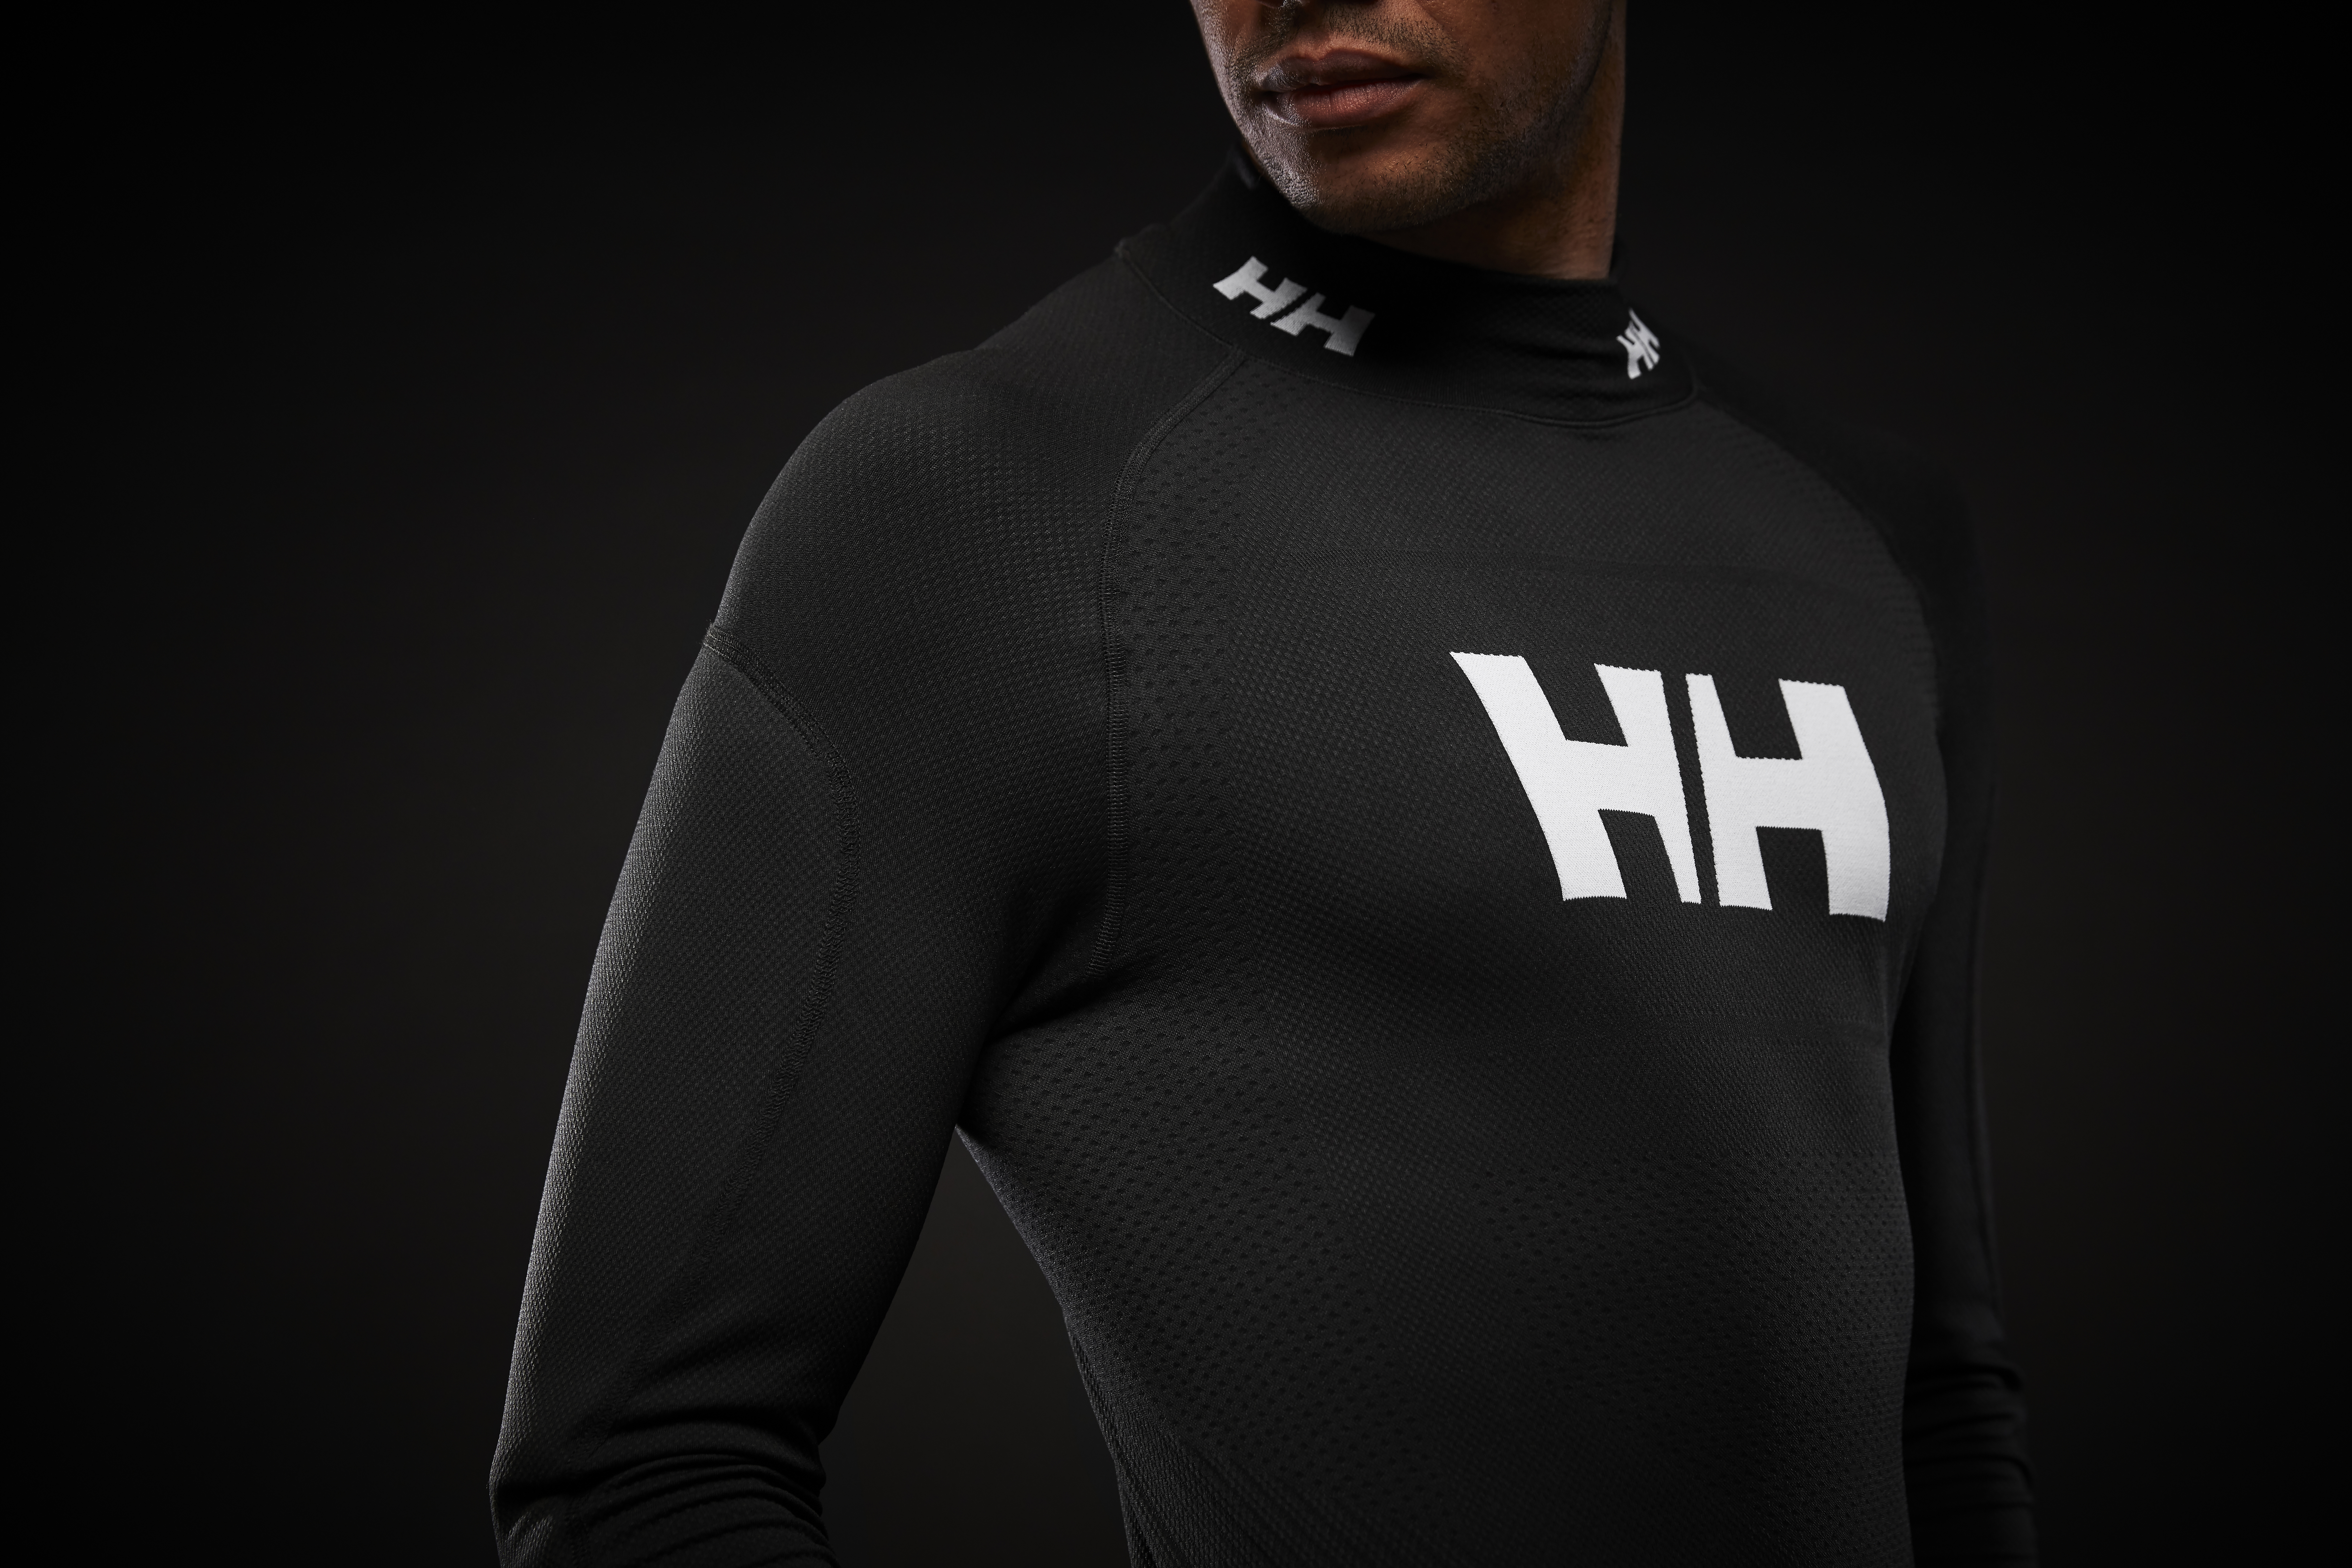 Helly Hansen wprowadza odzież termiczną H1 Pro Protective zaprojektowaną dla optymalnej ochrony i wydajności aerodynamicznej